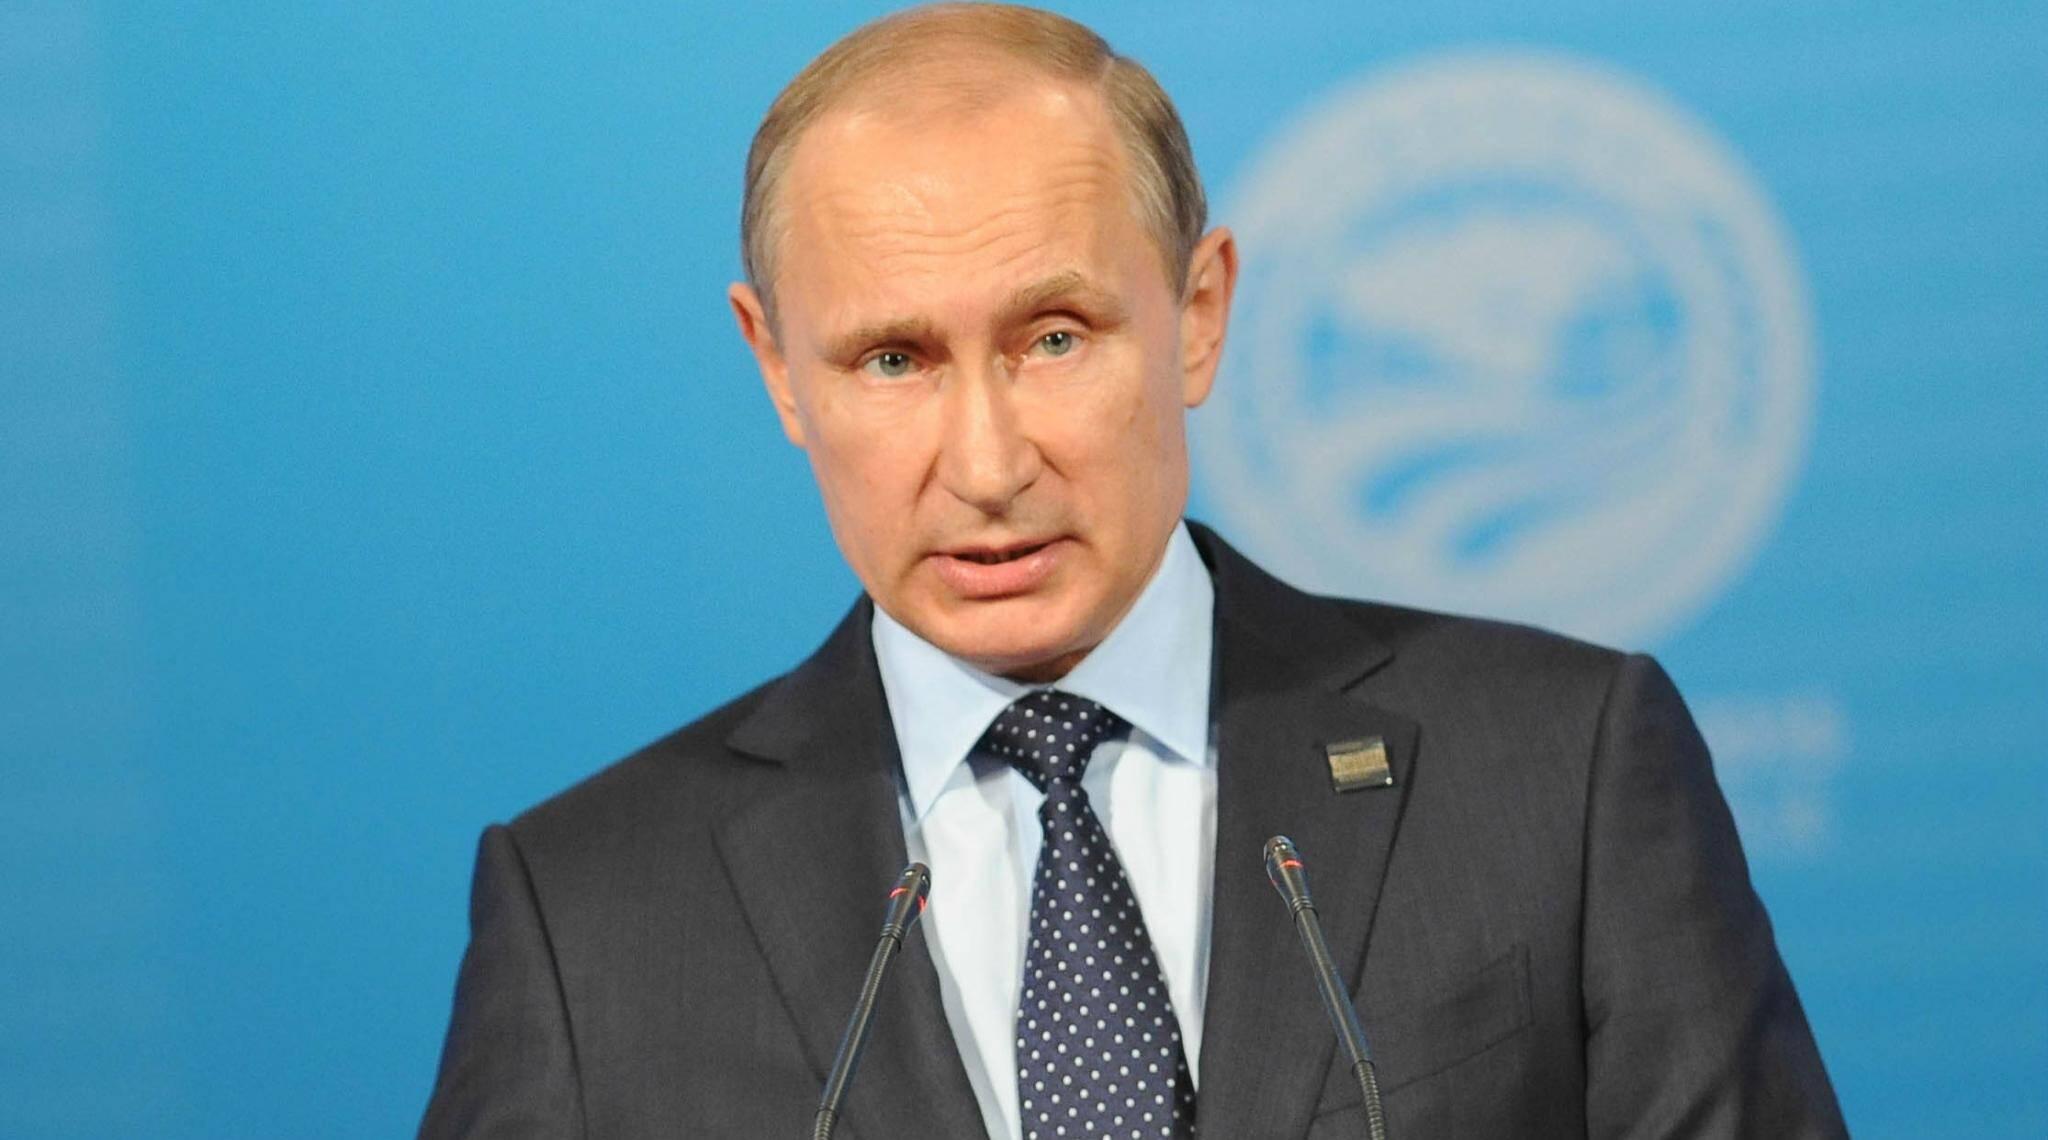 Vladimir Putin Plans to Quit as Russian President: রাশিয়ার রাষ্ট্রপতির পদ ছাড়তে চলেছেন ভ্লাদিমির পুতিন!